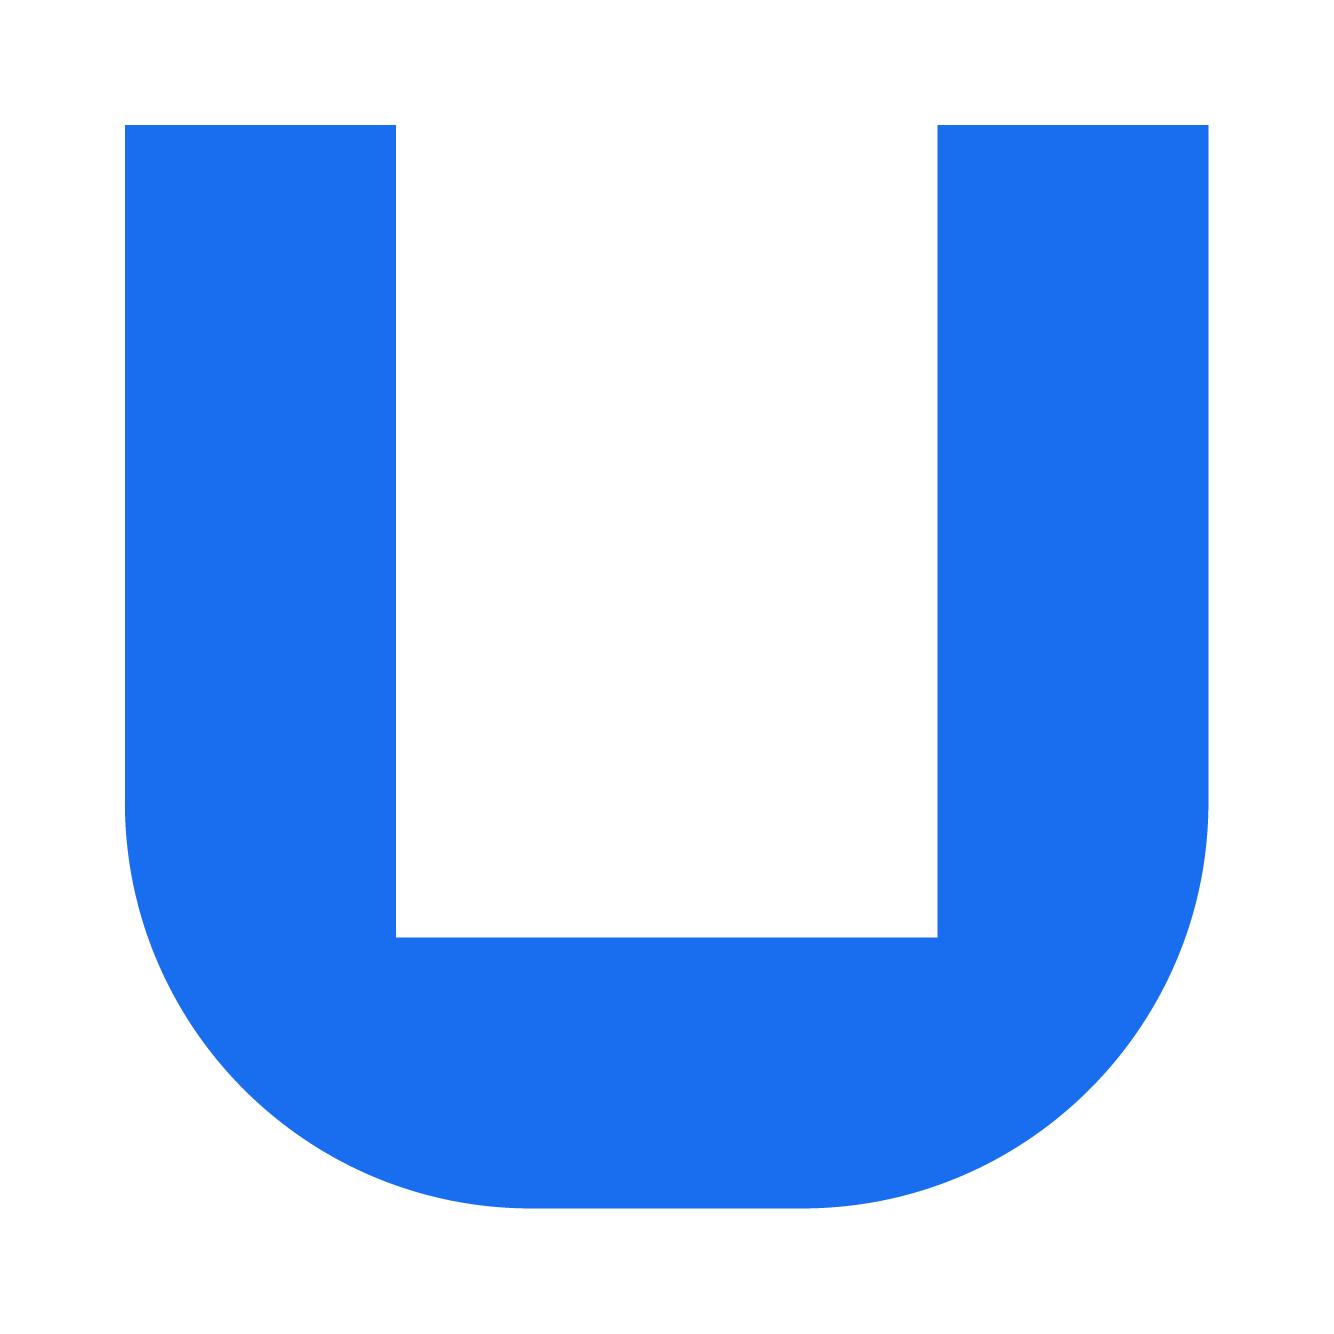 ウルチメーカーが本社をユトレヒトへ移転